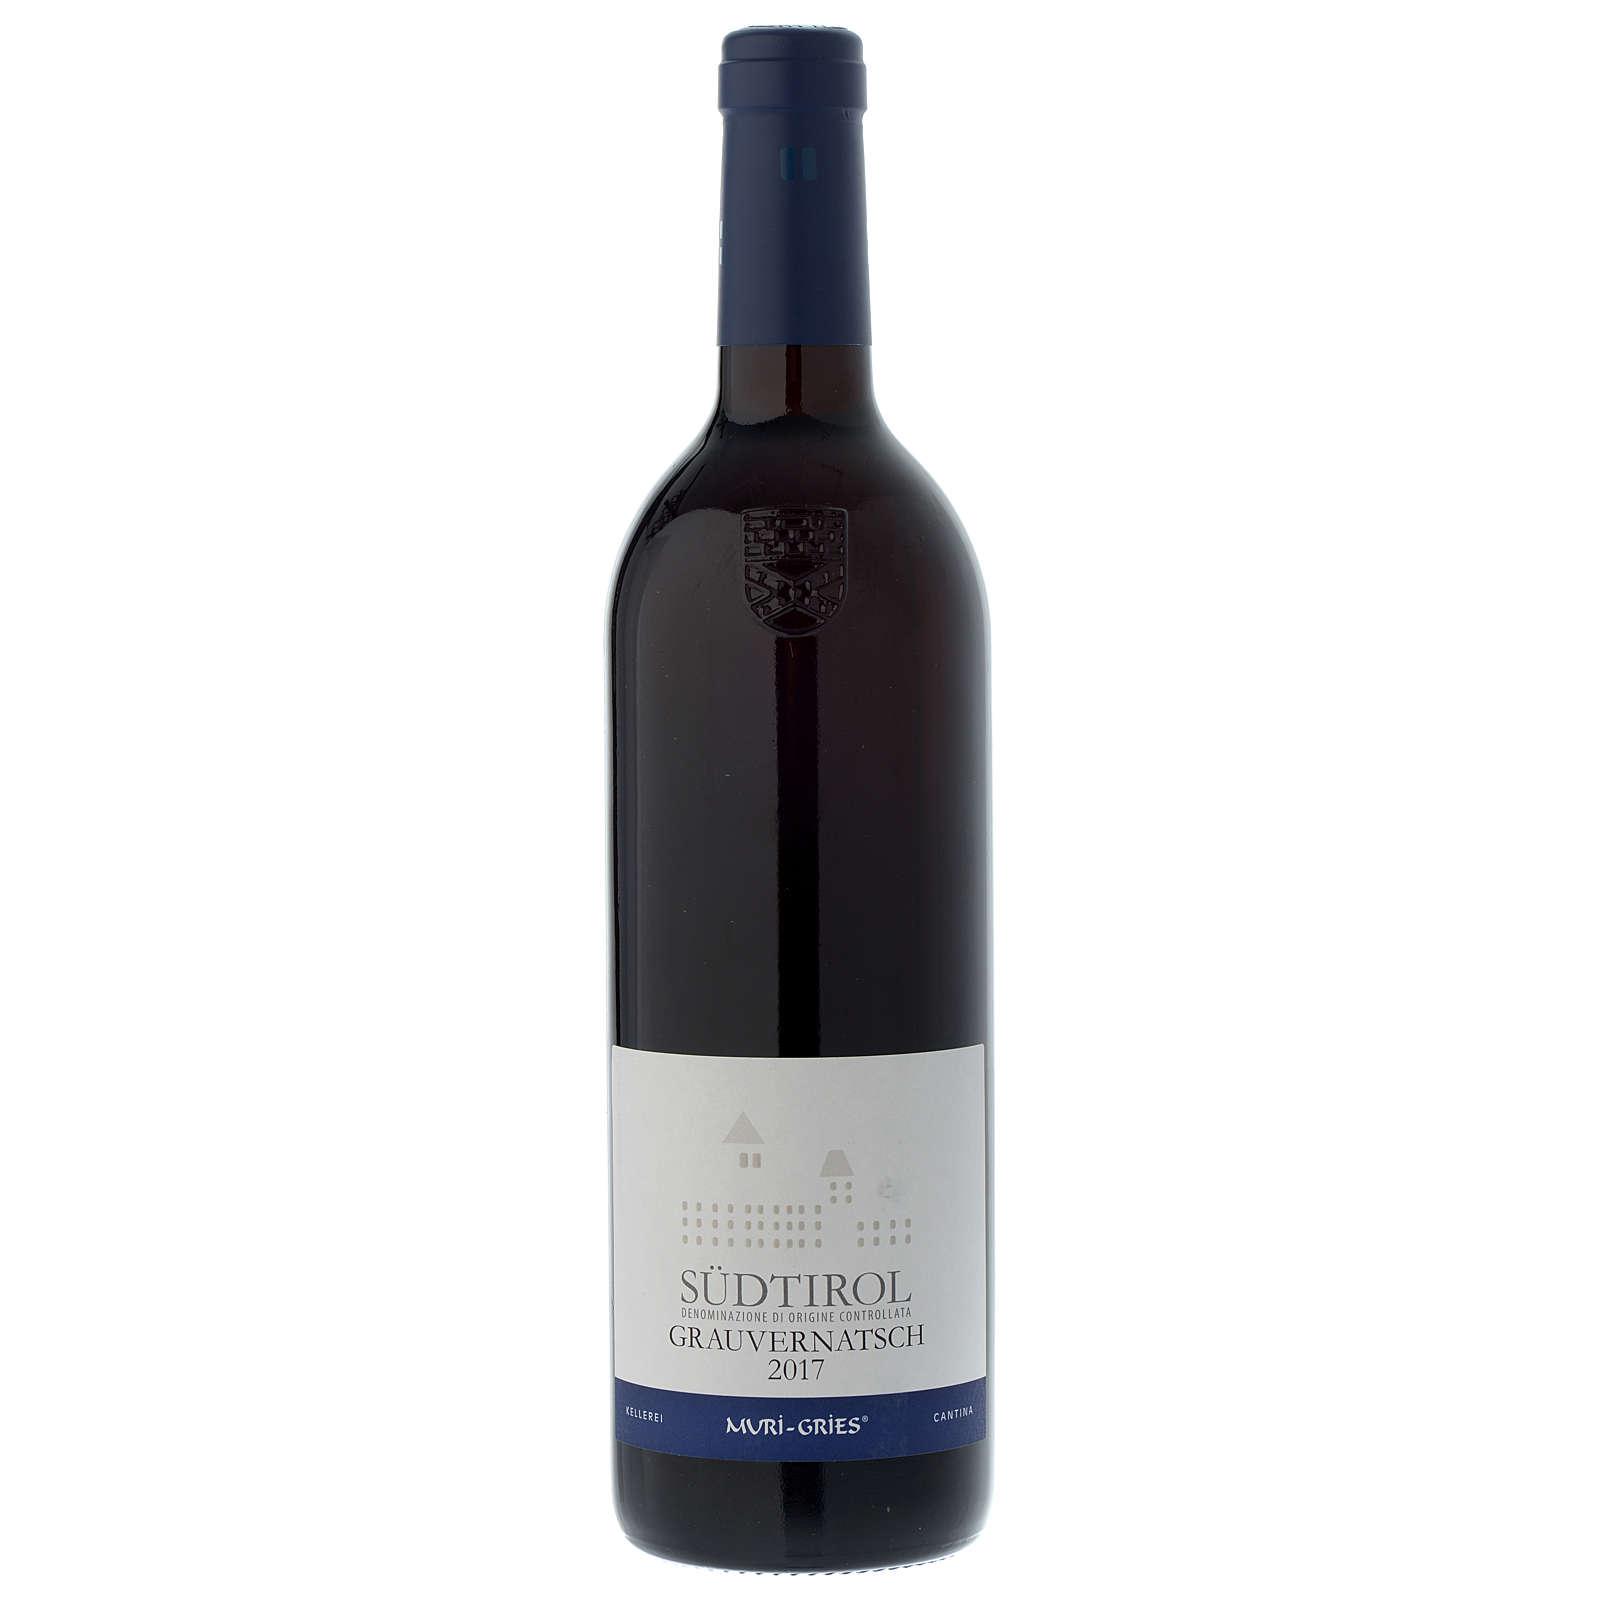 Wino Schiava Grigia DOC 2017 Abbazia Muri Gries 750 ml 3